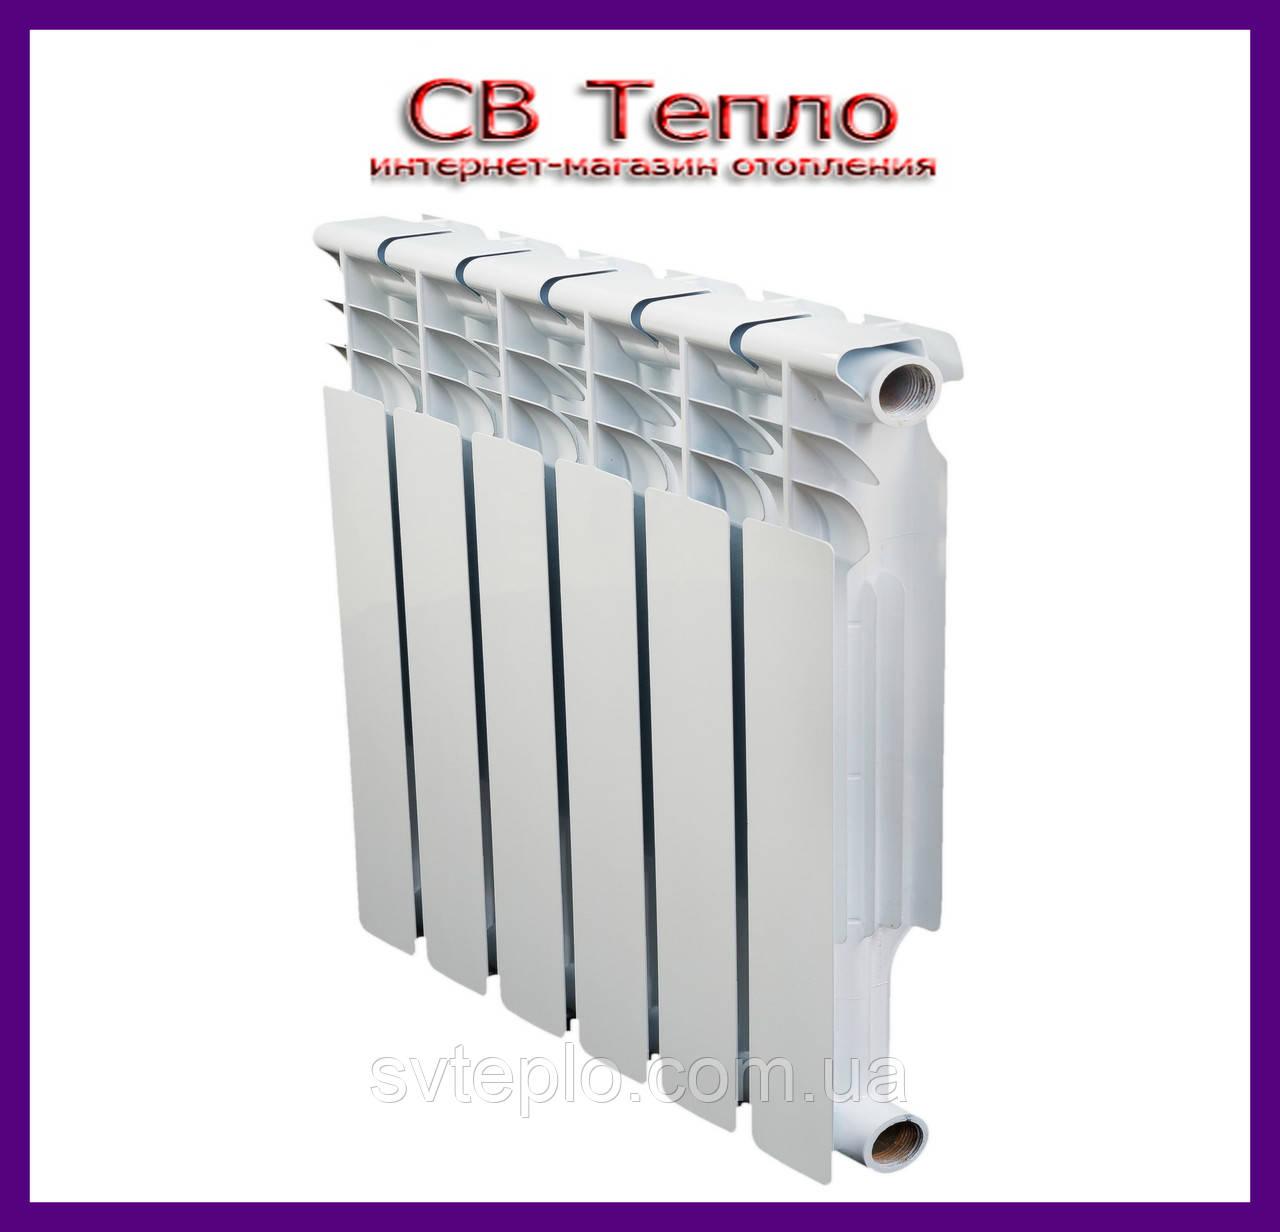 Радиатор биметаллический (батарея) Алтермо Торино